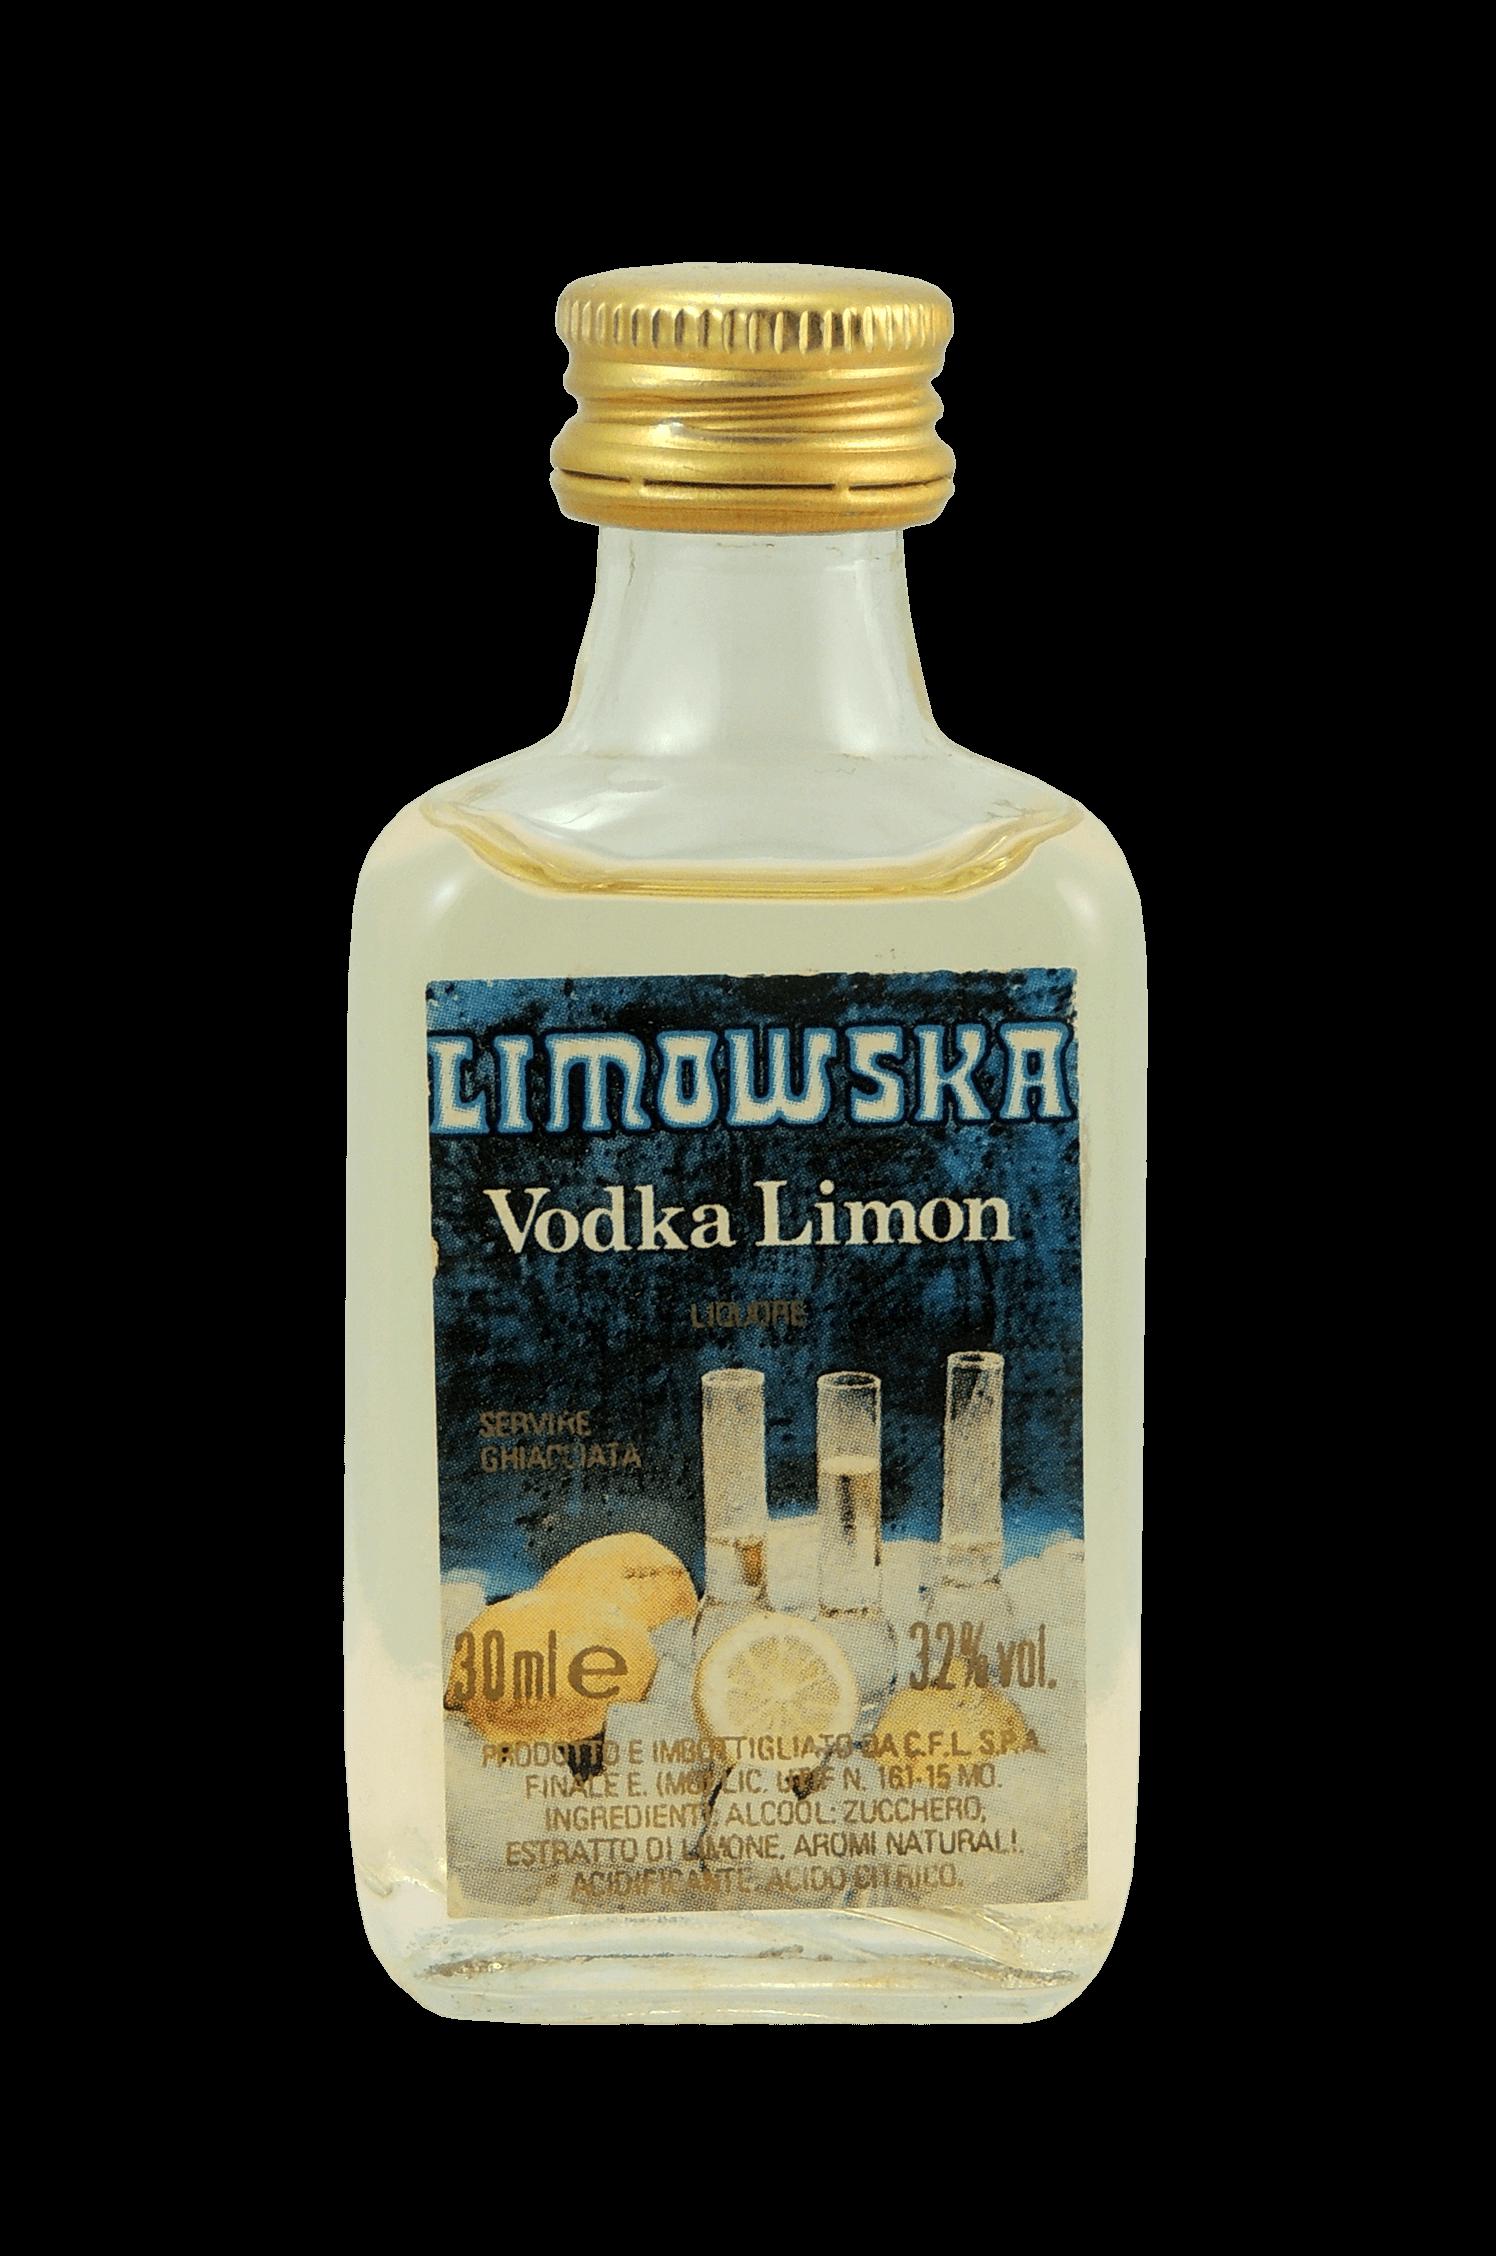 Limowska Vodka Limon